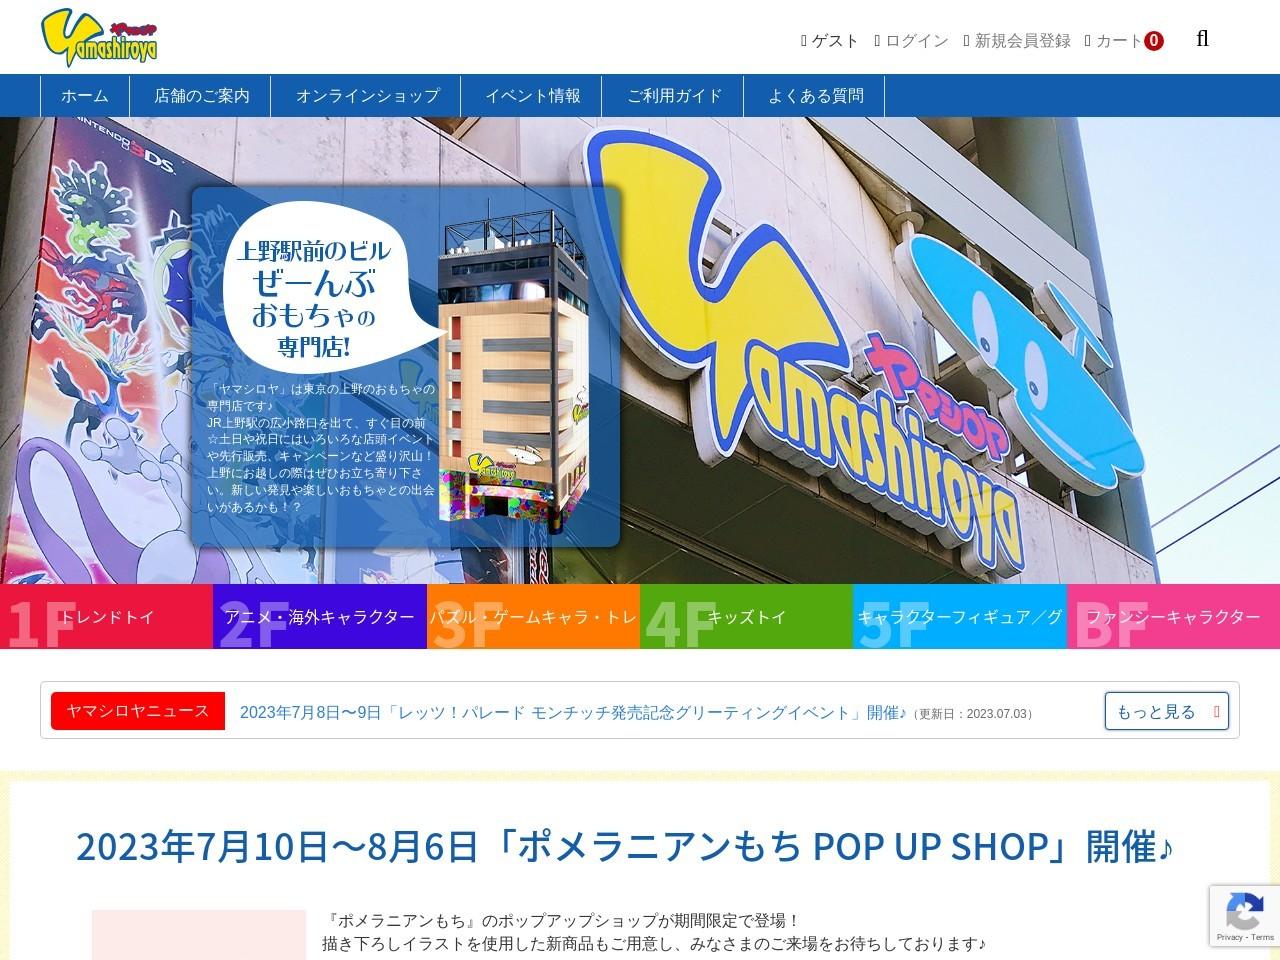 ヤマシロヤ(Yamashiroya) | 上野駅前のビル、ぜーんぶおもちゃの専門店。